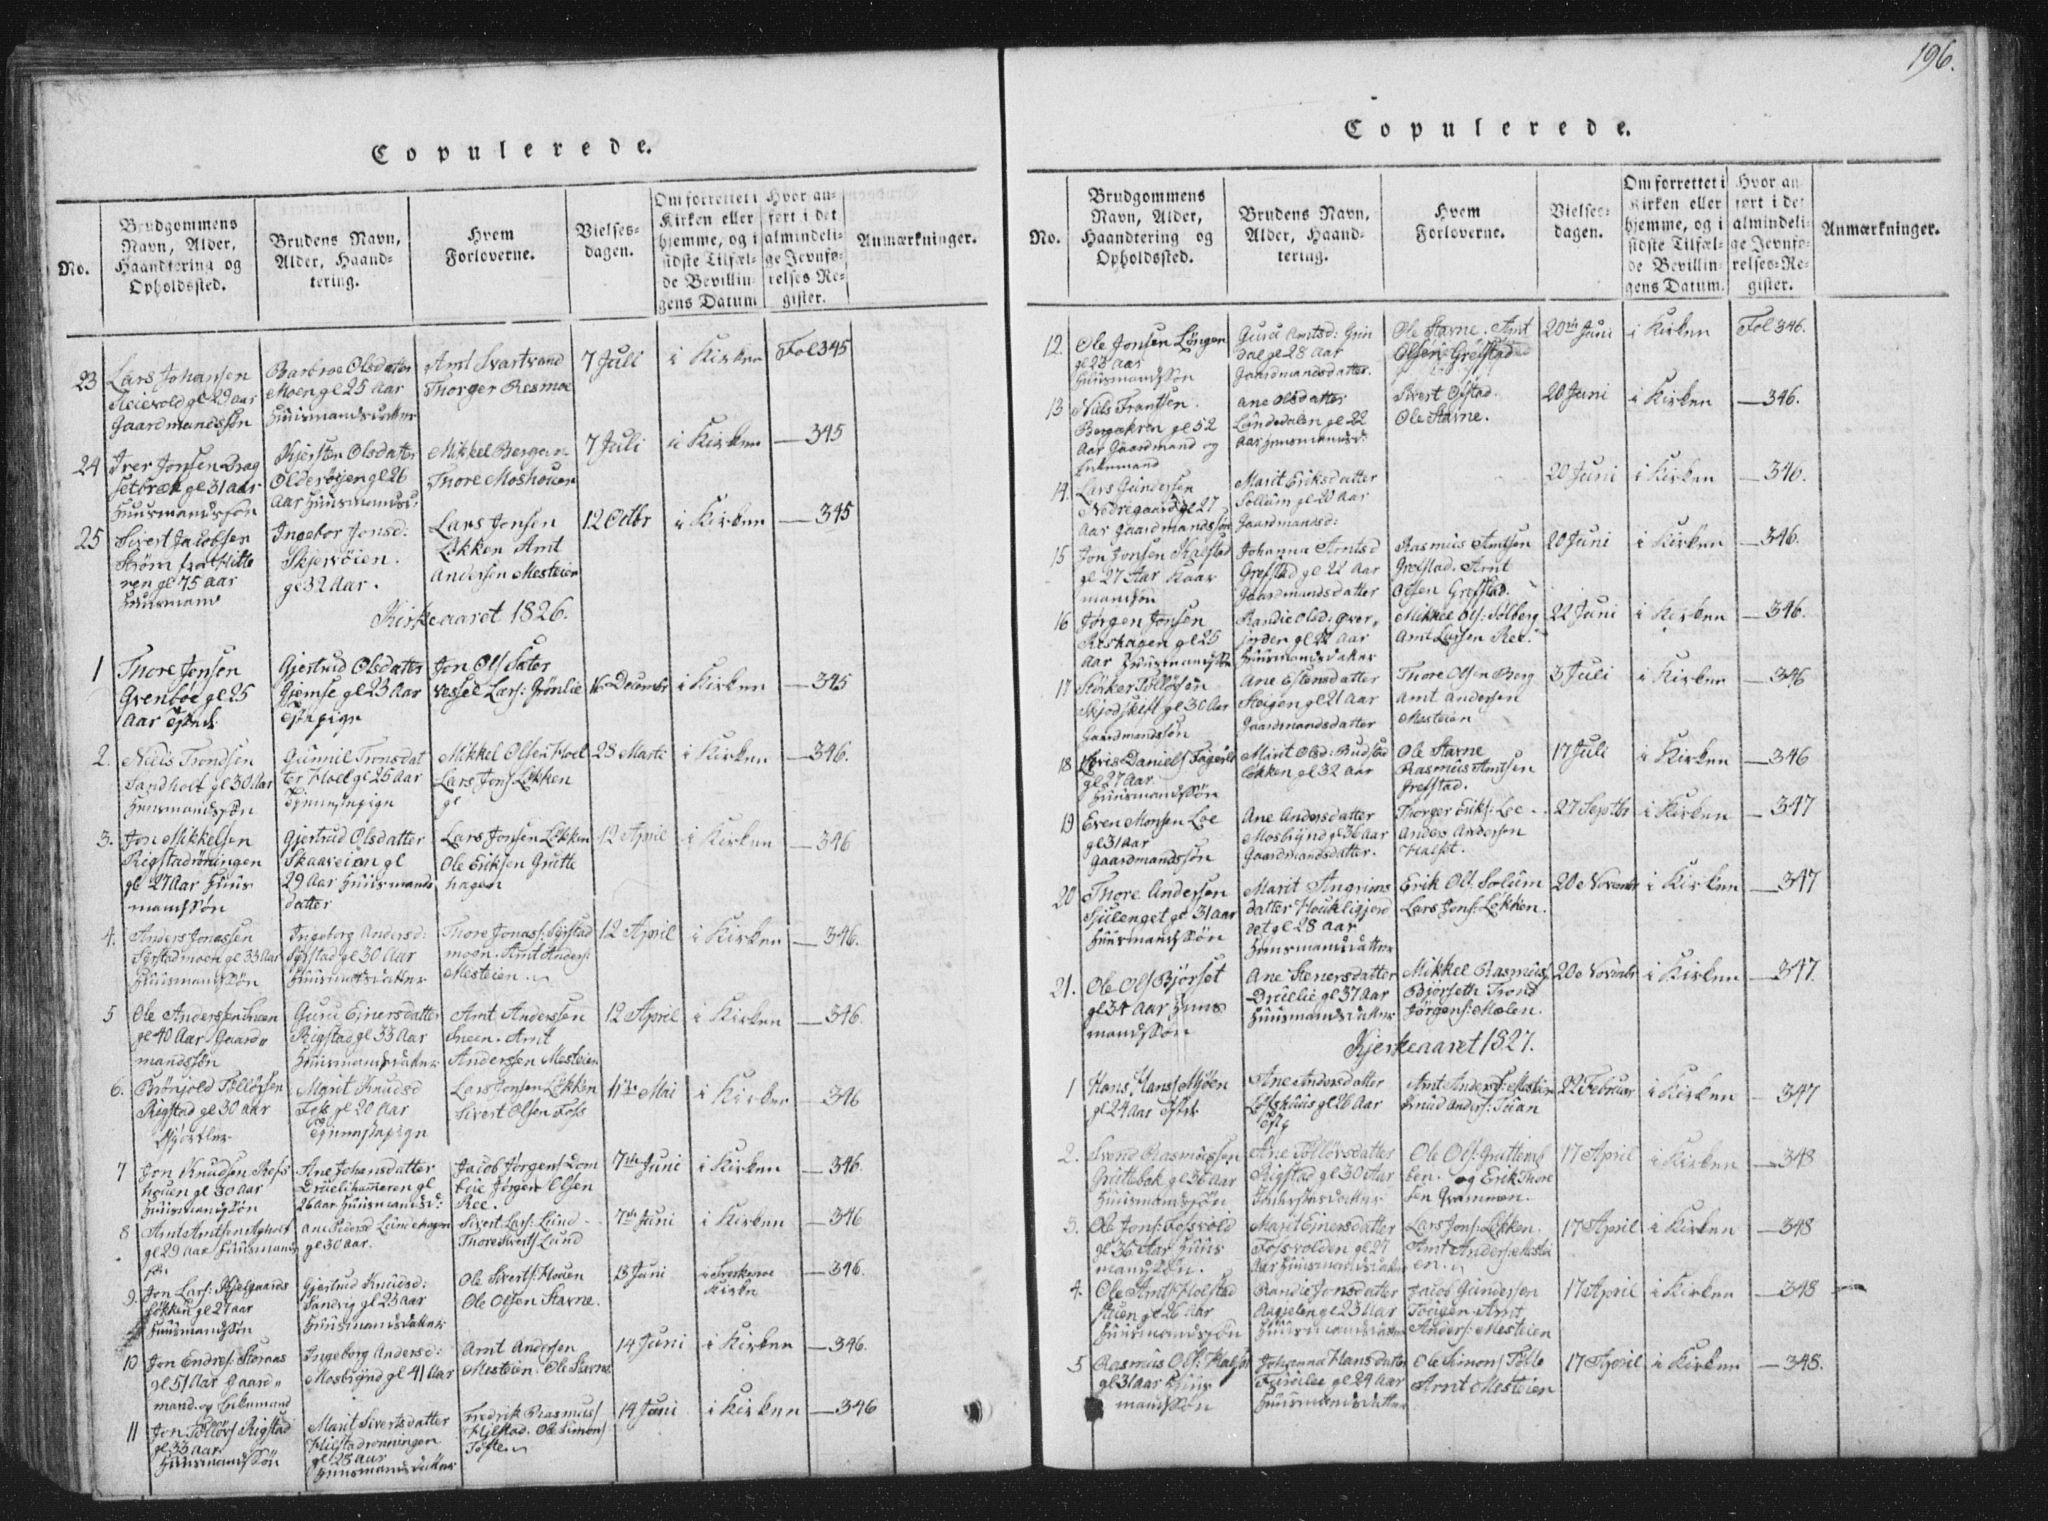 SAT, Ministerialprotokoller, klokkerbøker og fødselsregistre - Sør-Trøndelag, 672/L0862: Klokkerbok nr. 672C01, 1816-1831, s. 196